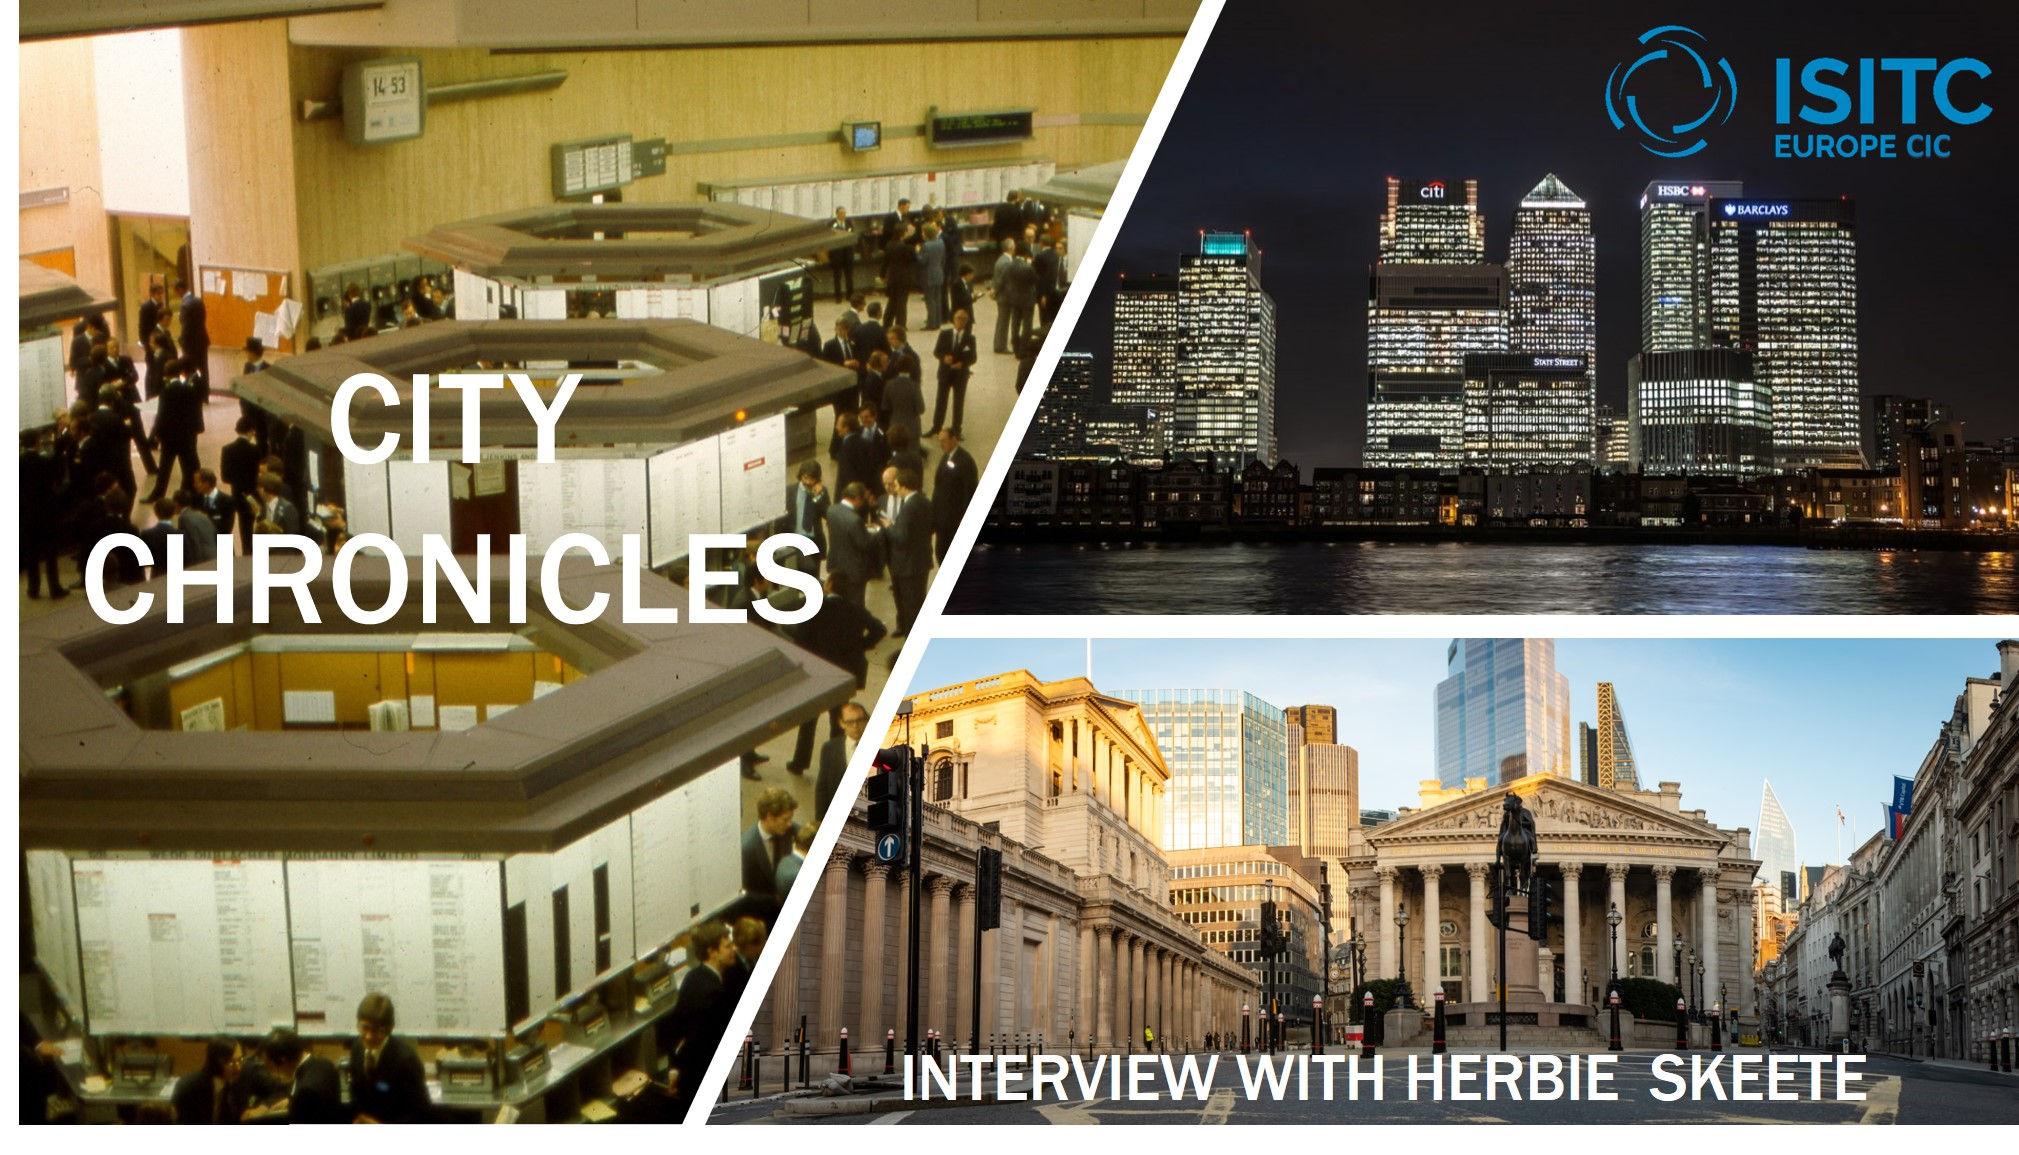 City Chronicles - Herbie Skeete